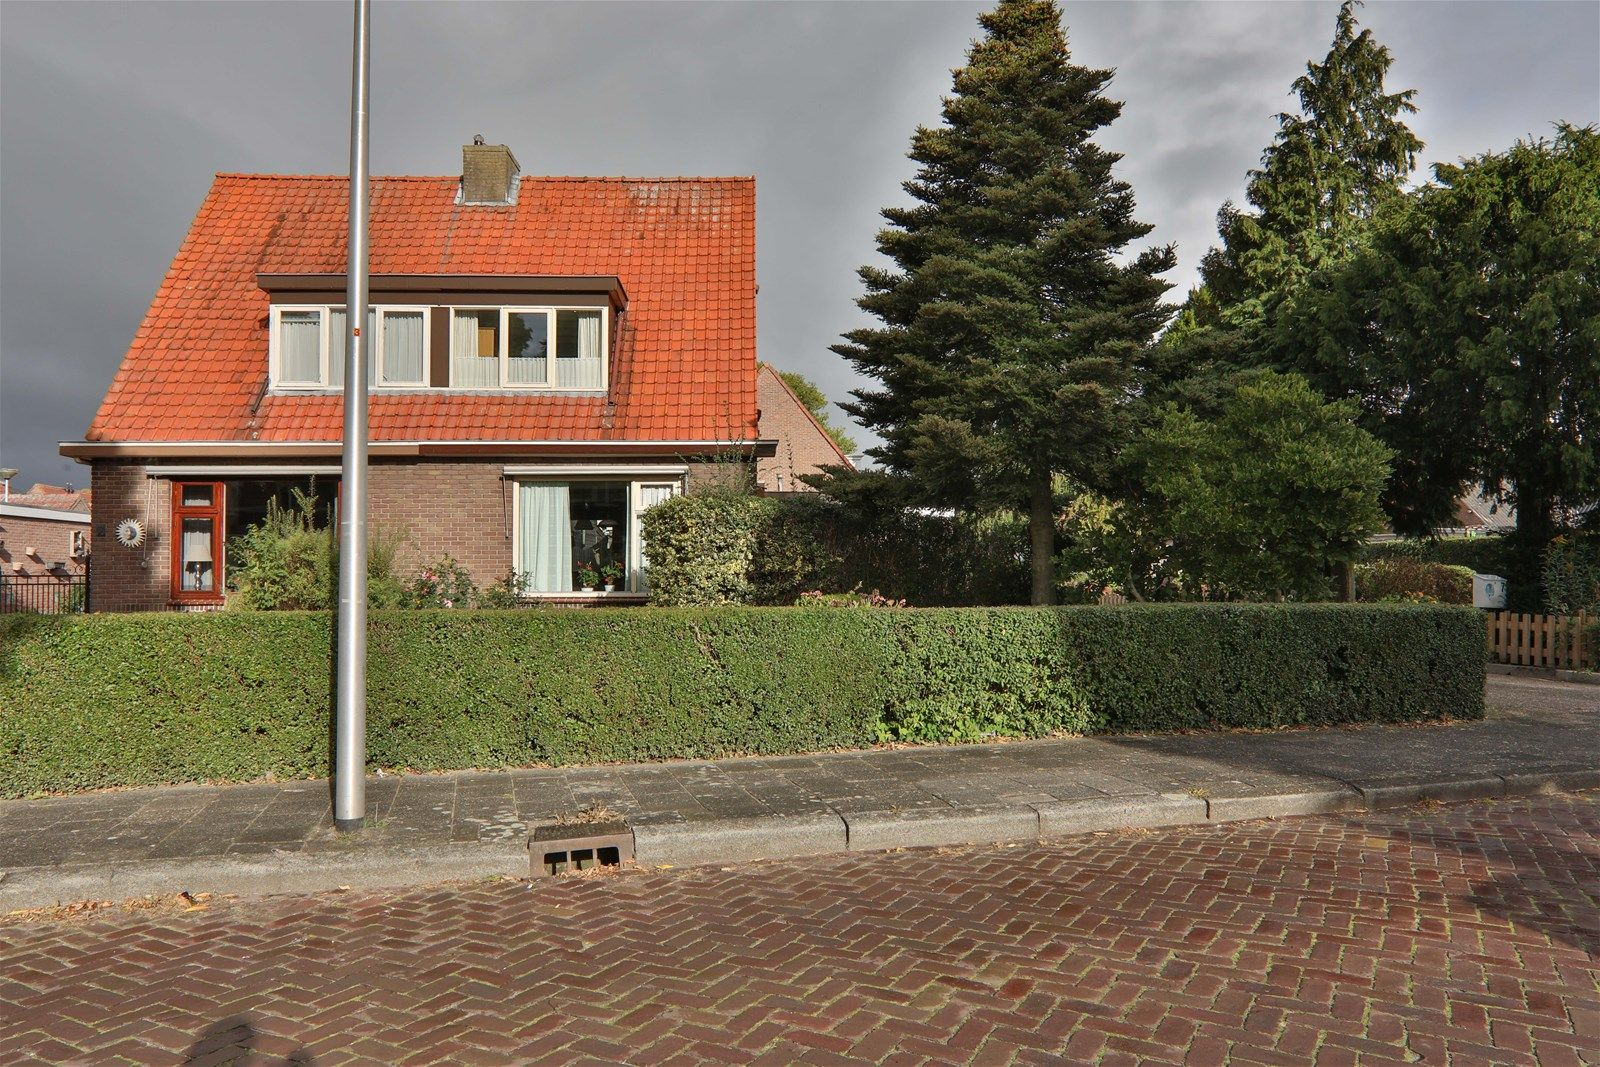 Holtienstraat 7, Hoogeveen